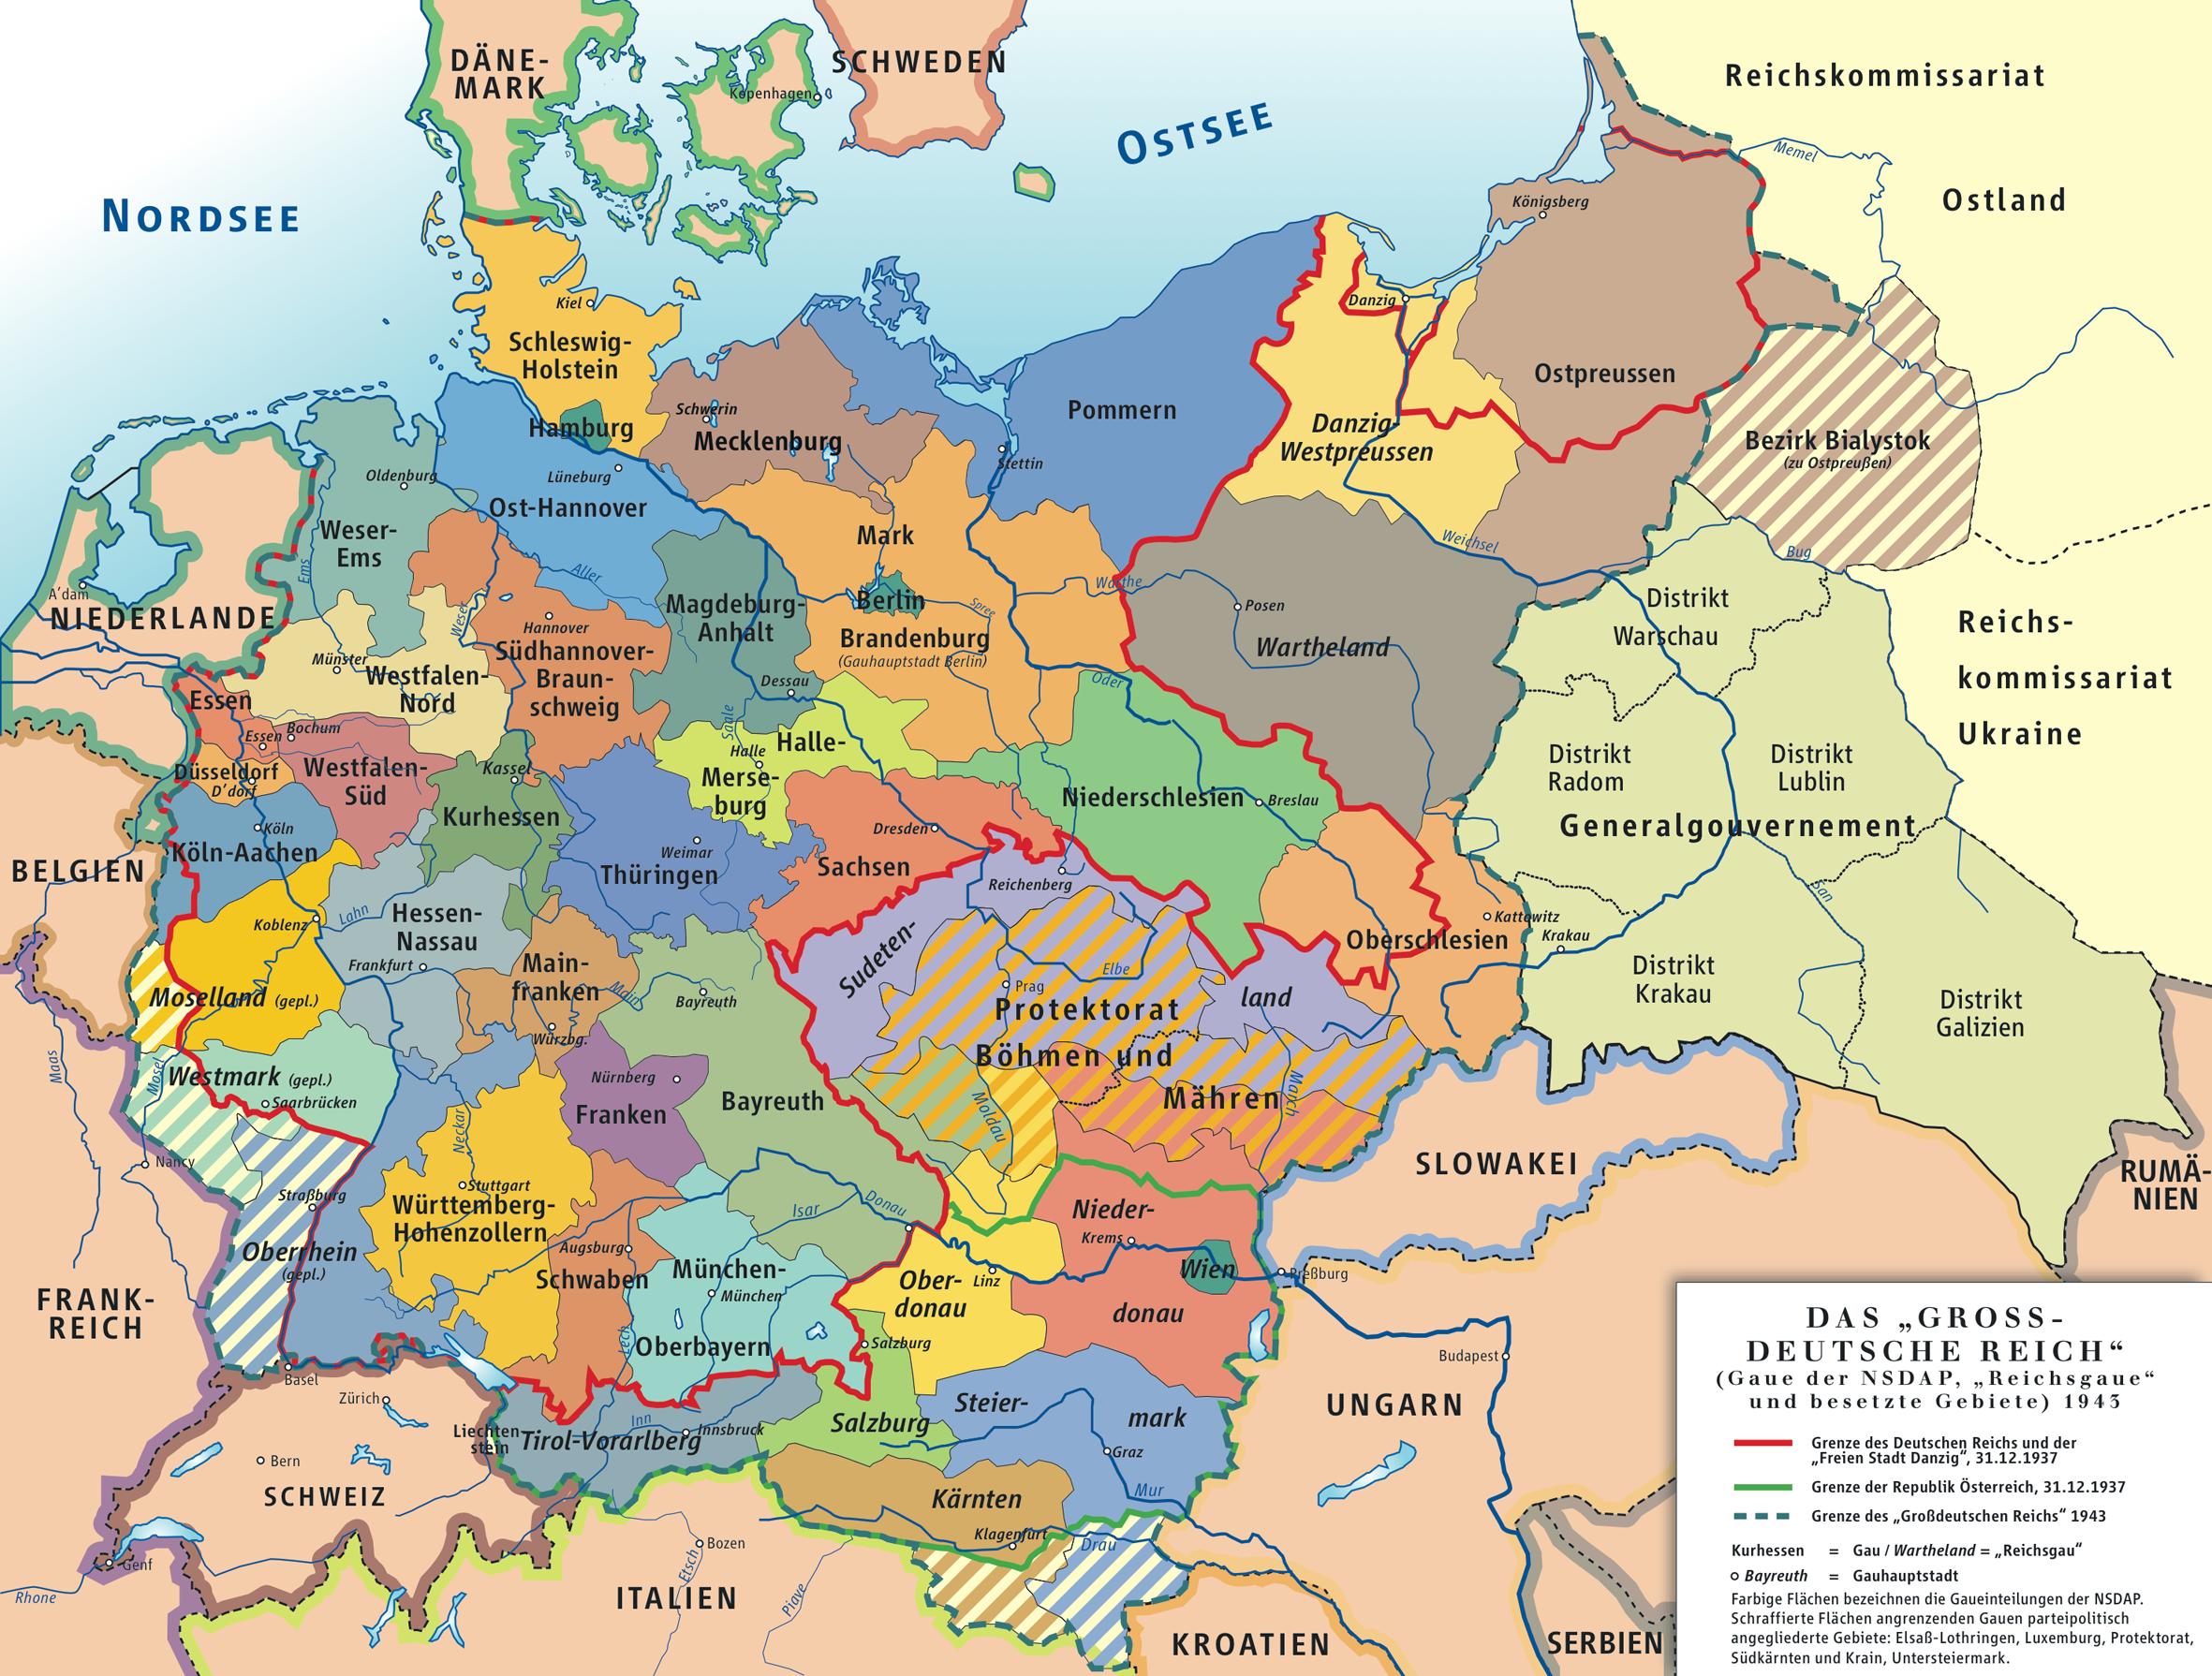 Karte Deutsches Reich 1942